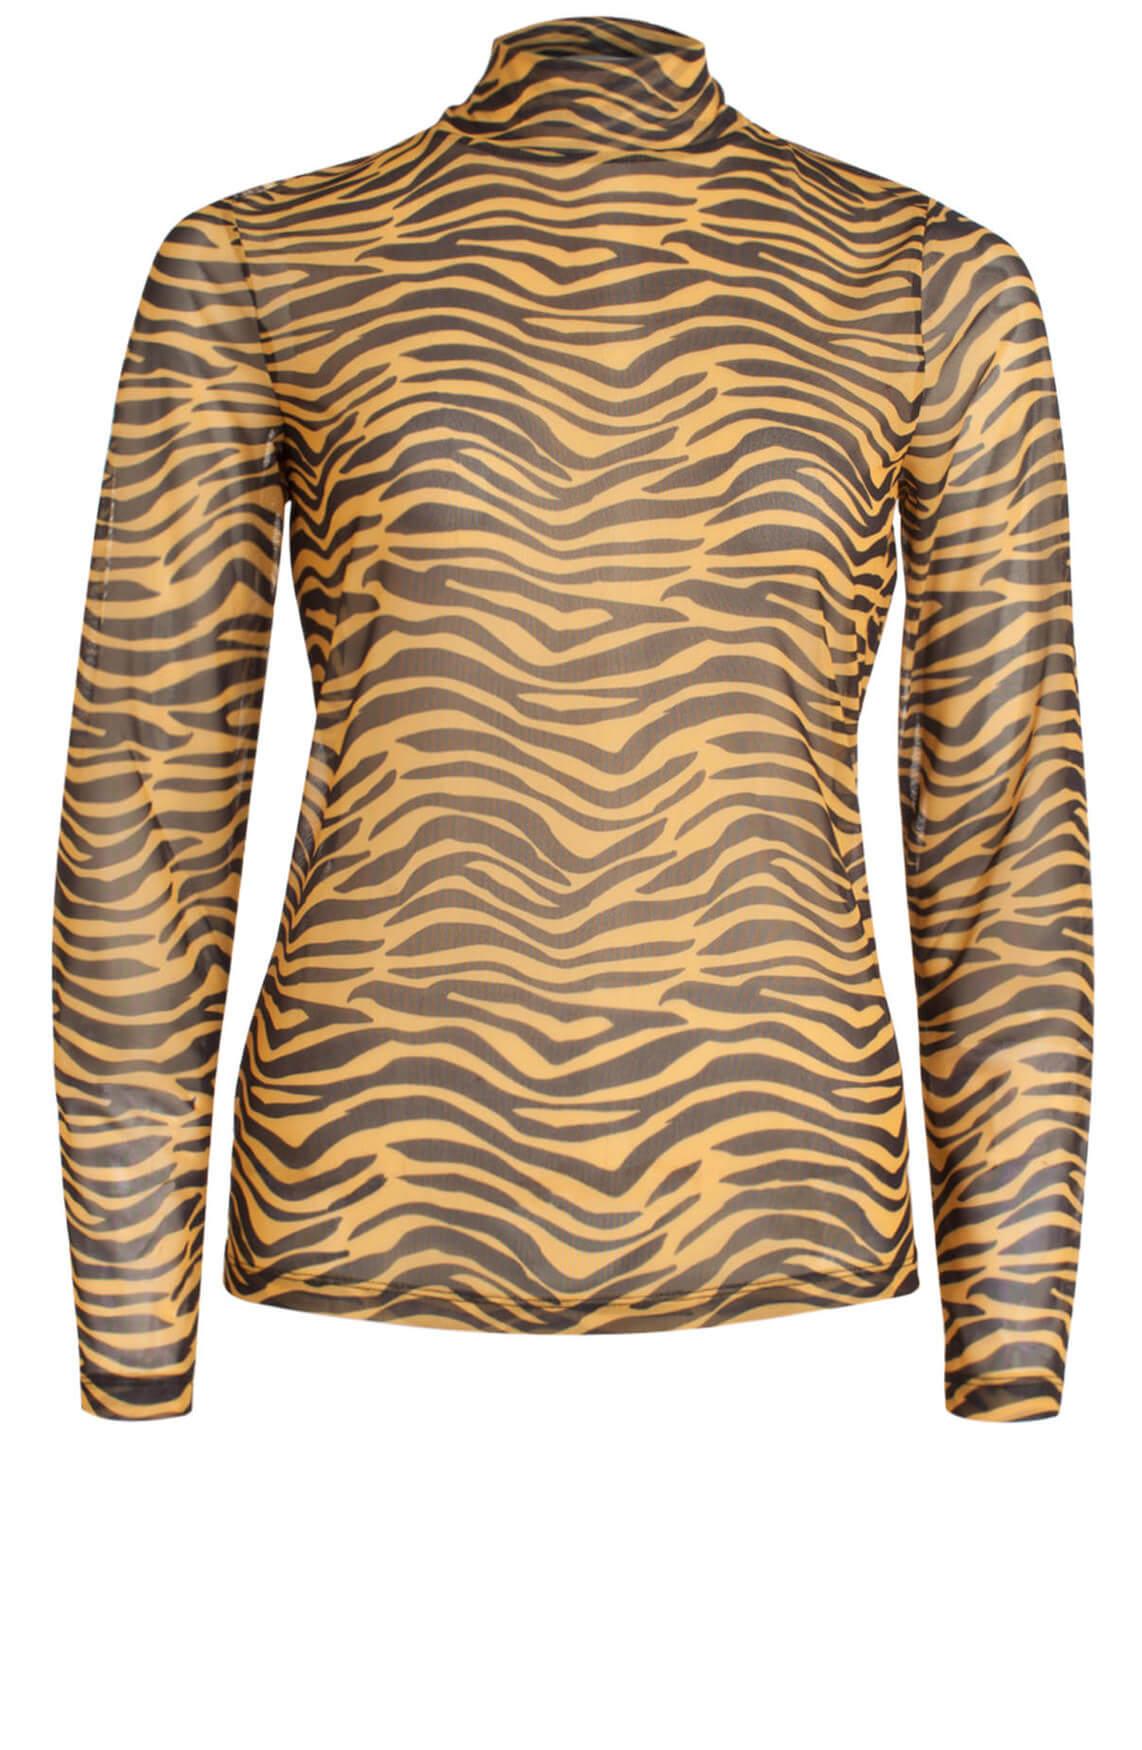 Anna Dames Mesh shirt met animalprint geel